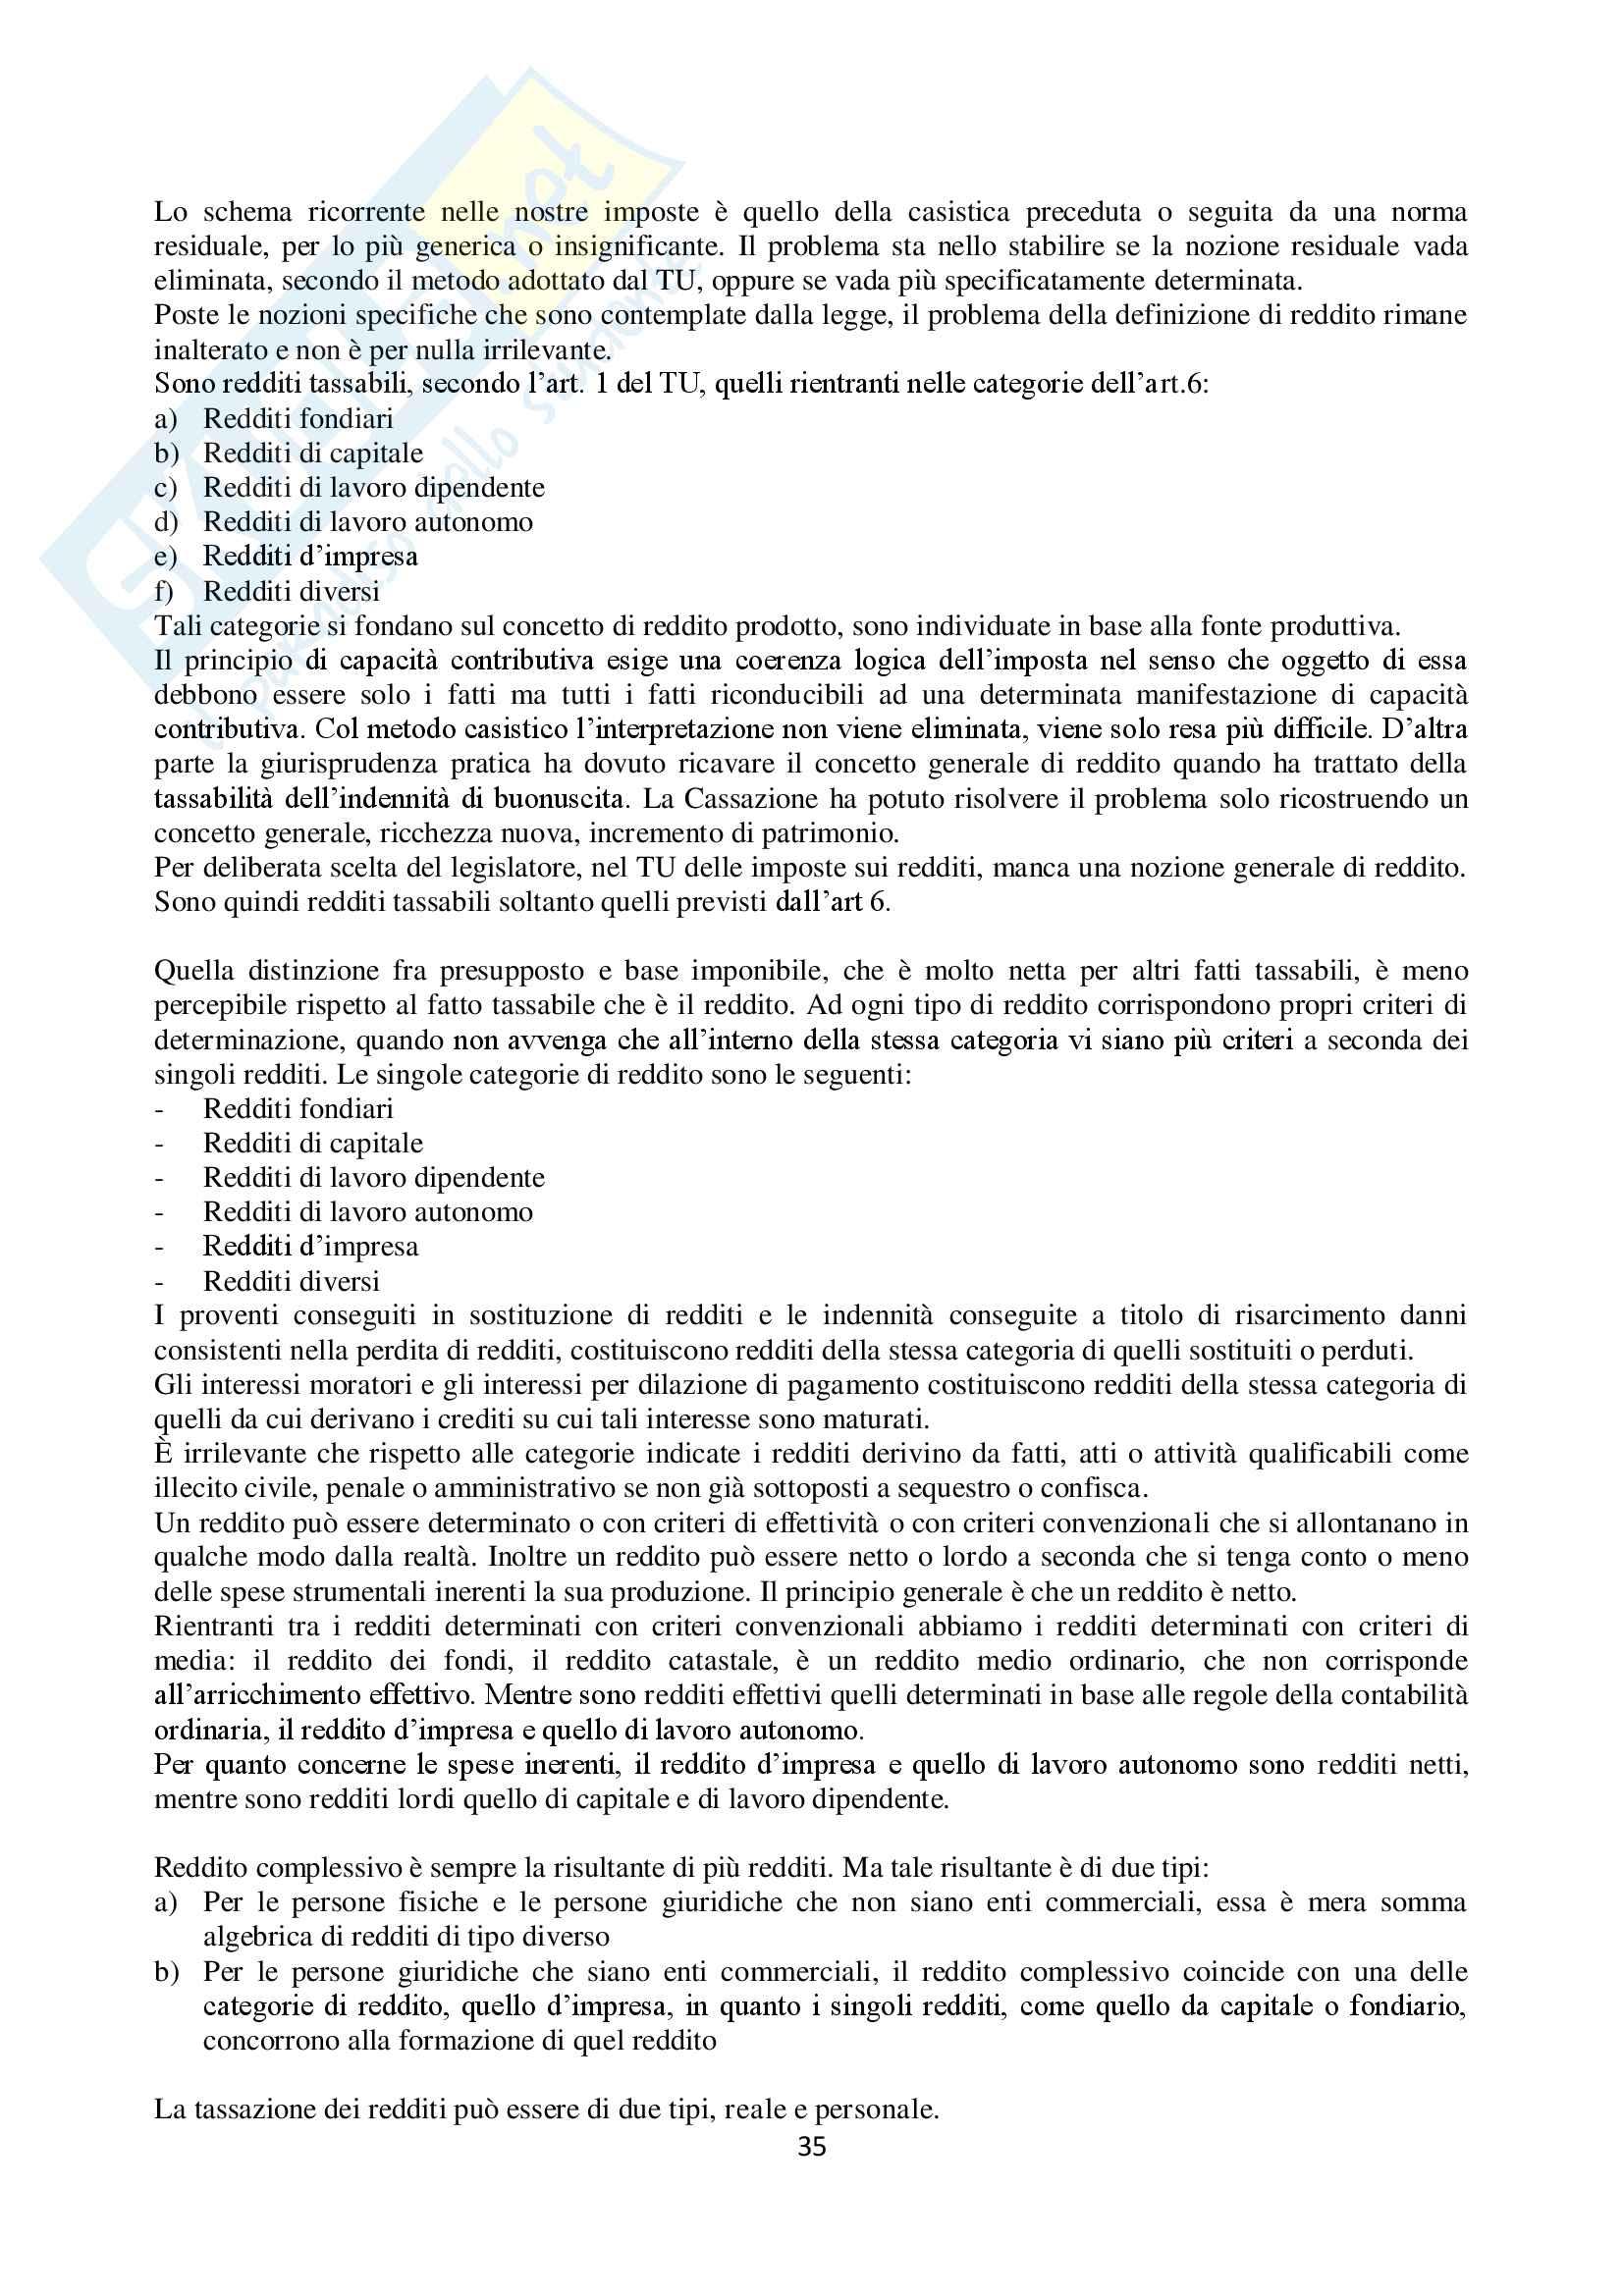 Appunti Diritto Tributario Pag. 36